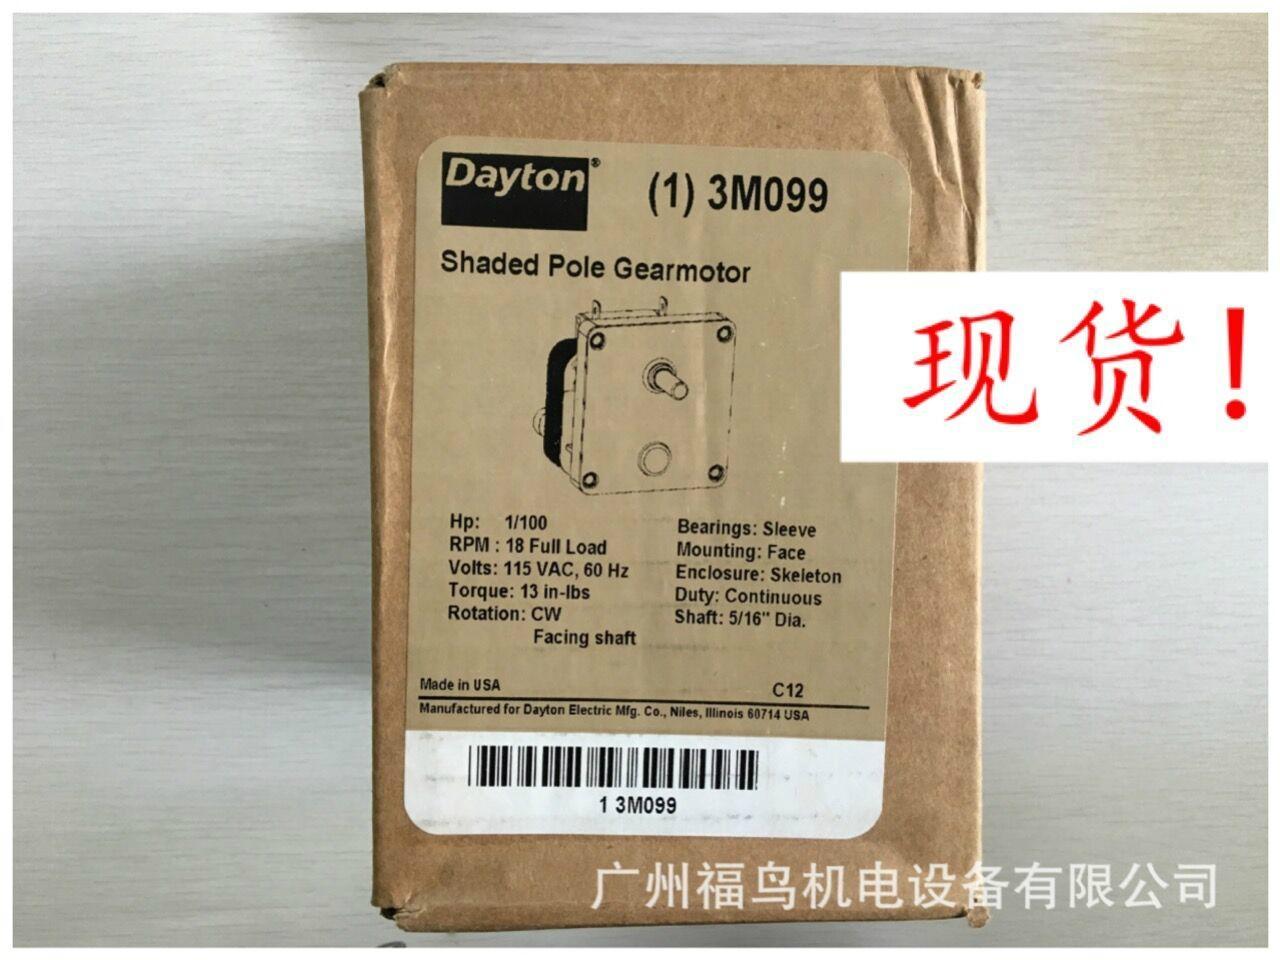 DAYTON電機, 馬達,  型號: 3M099